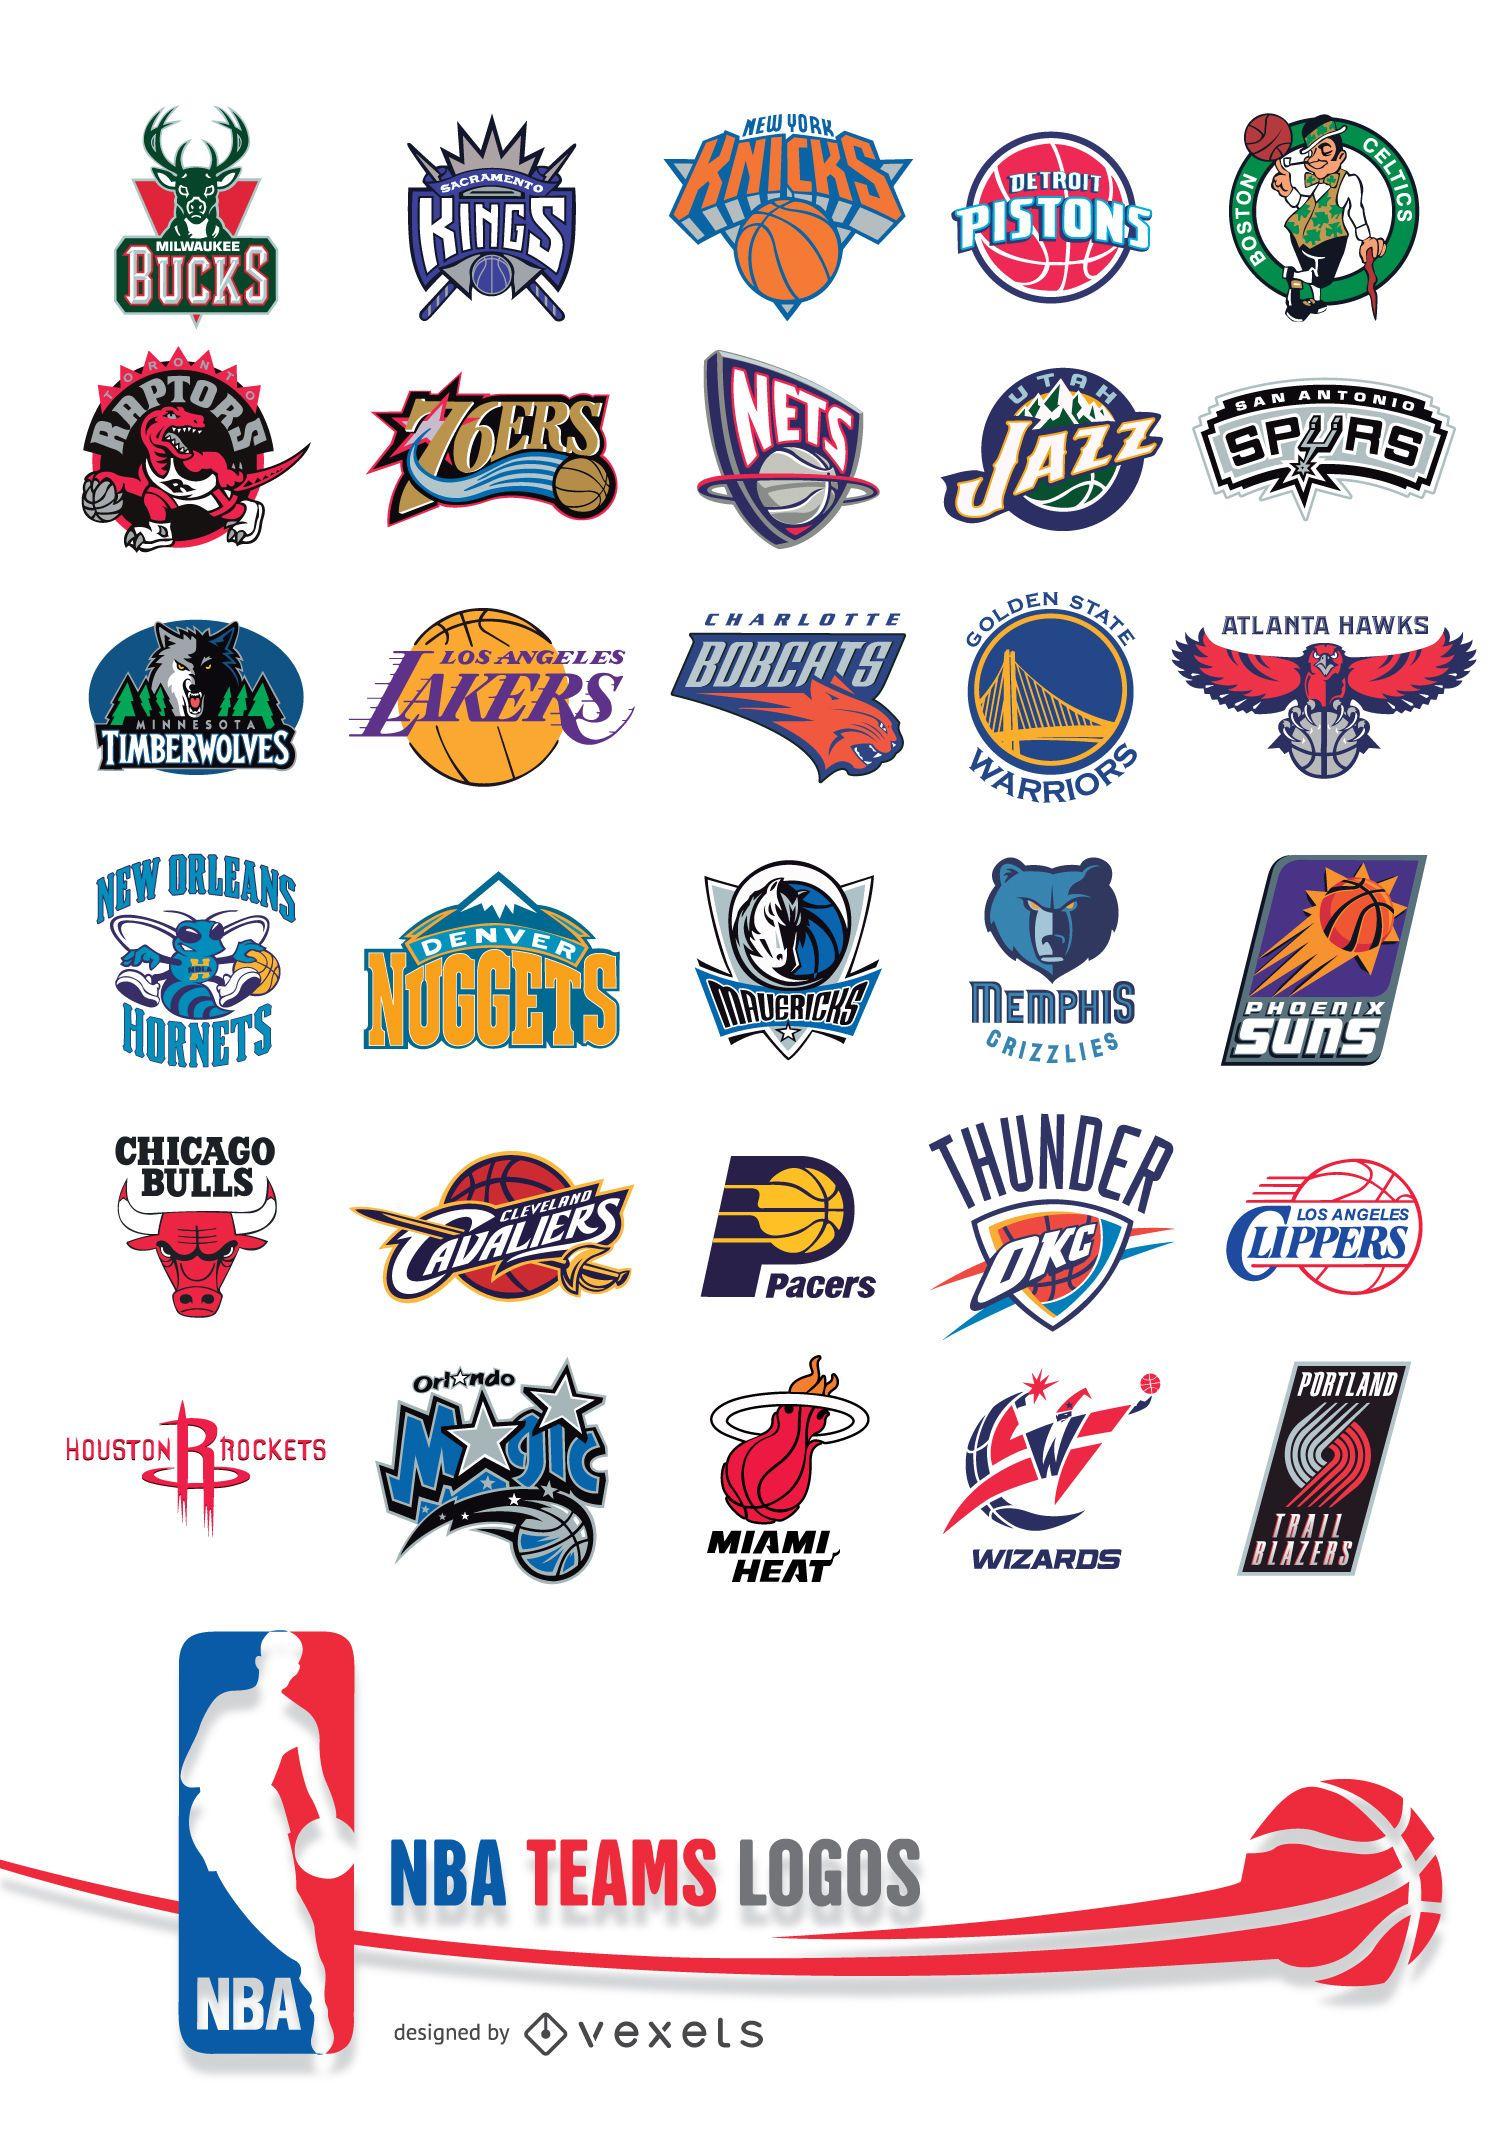 Logotipos das equipes da NBA